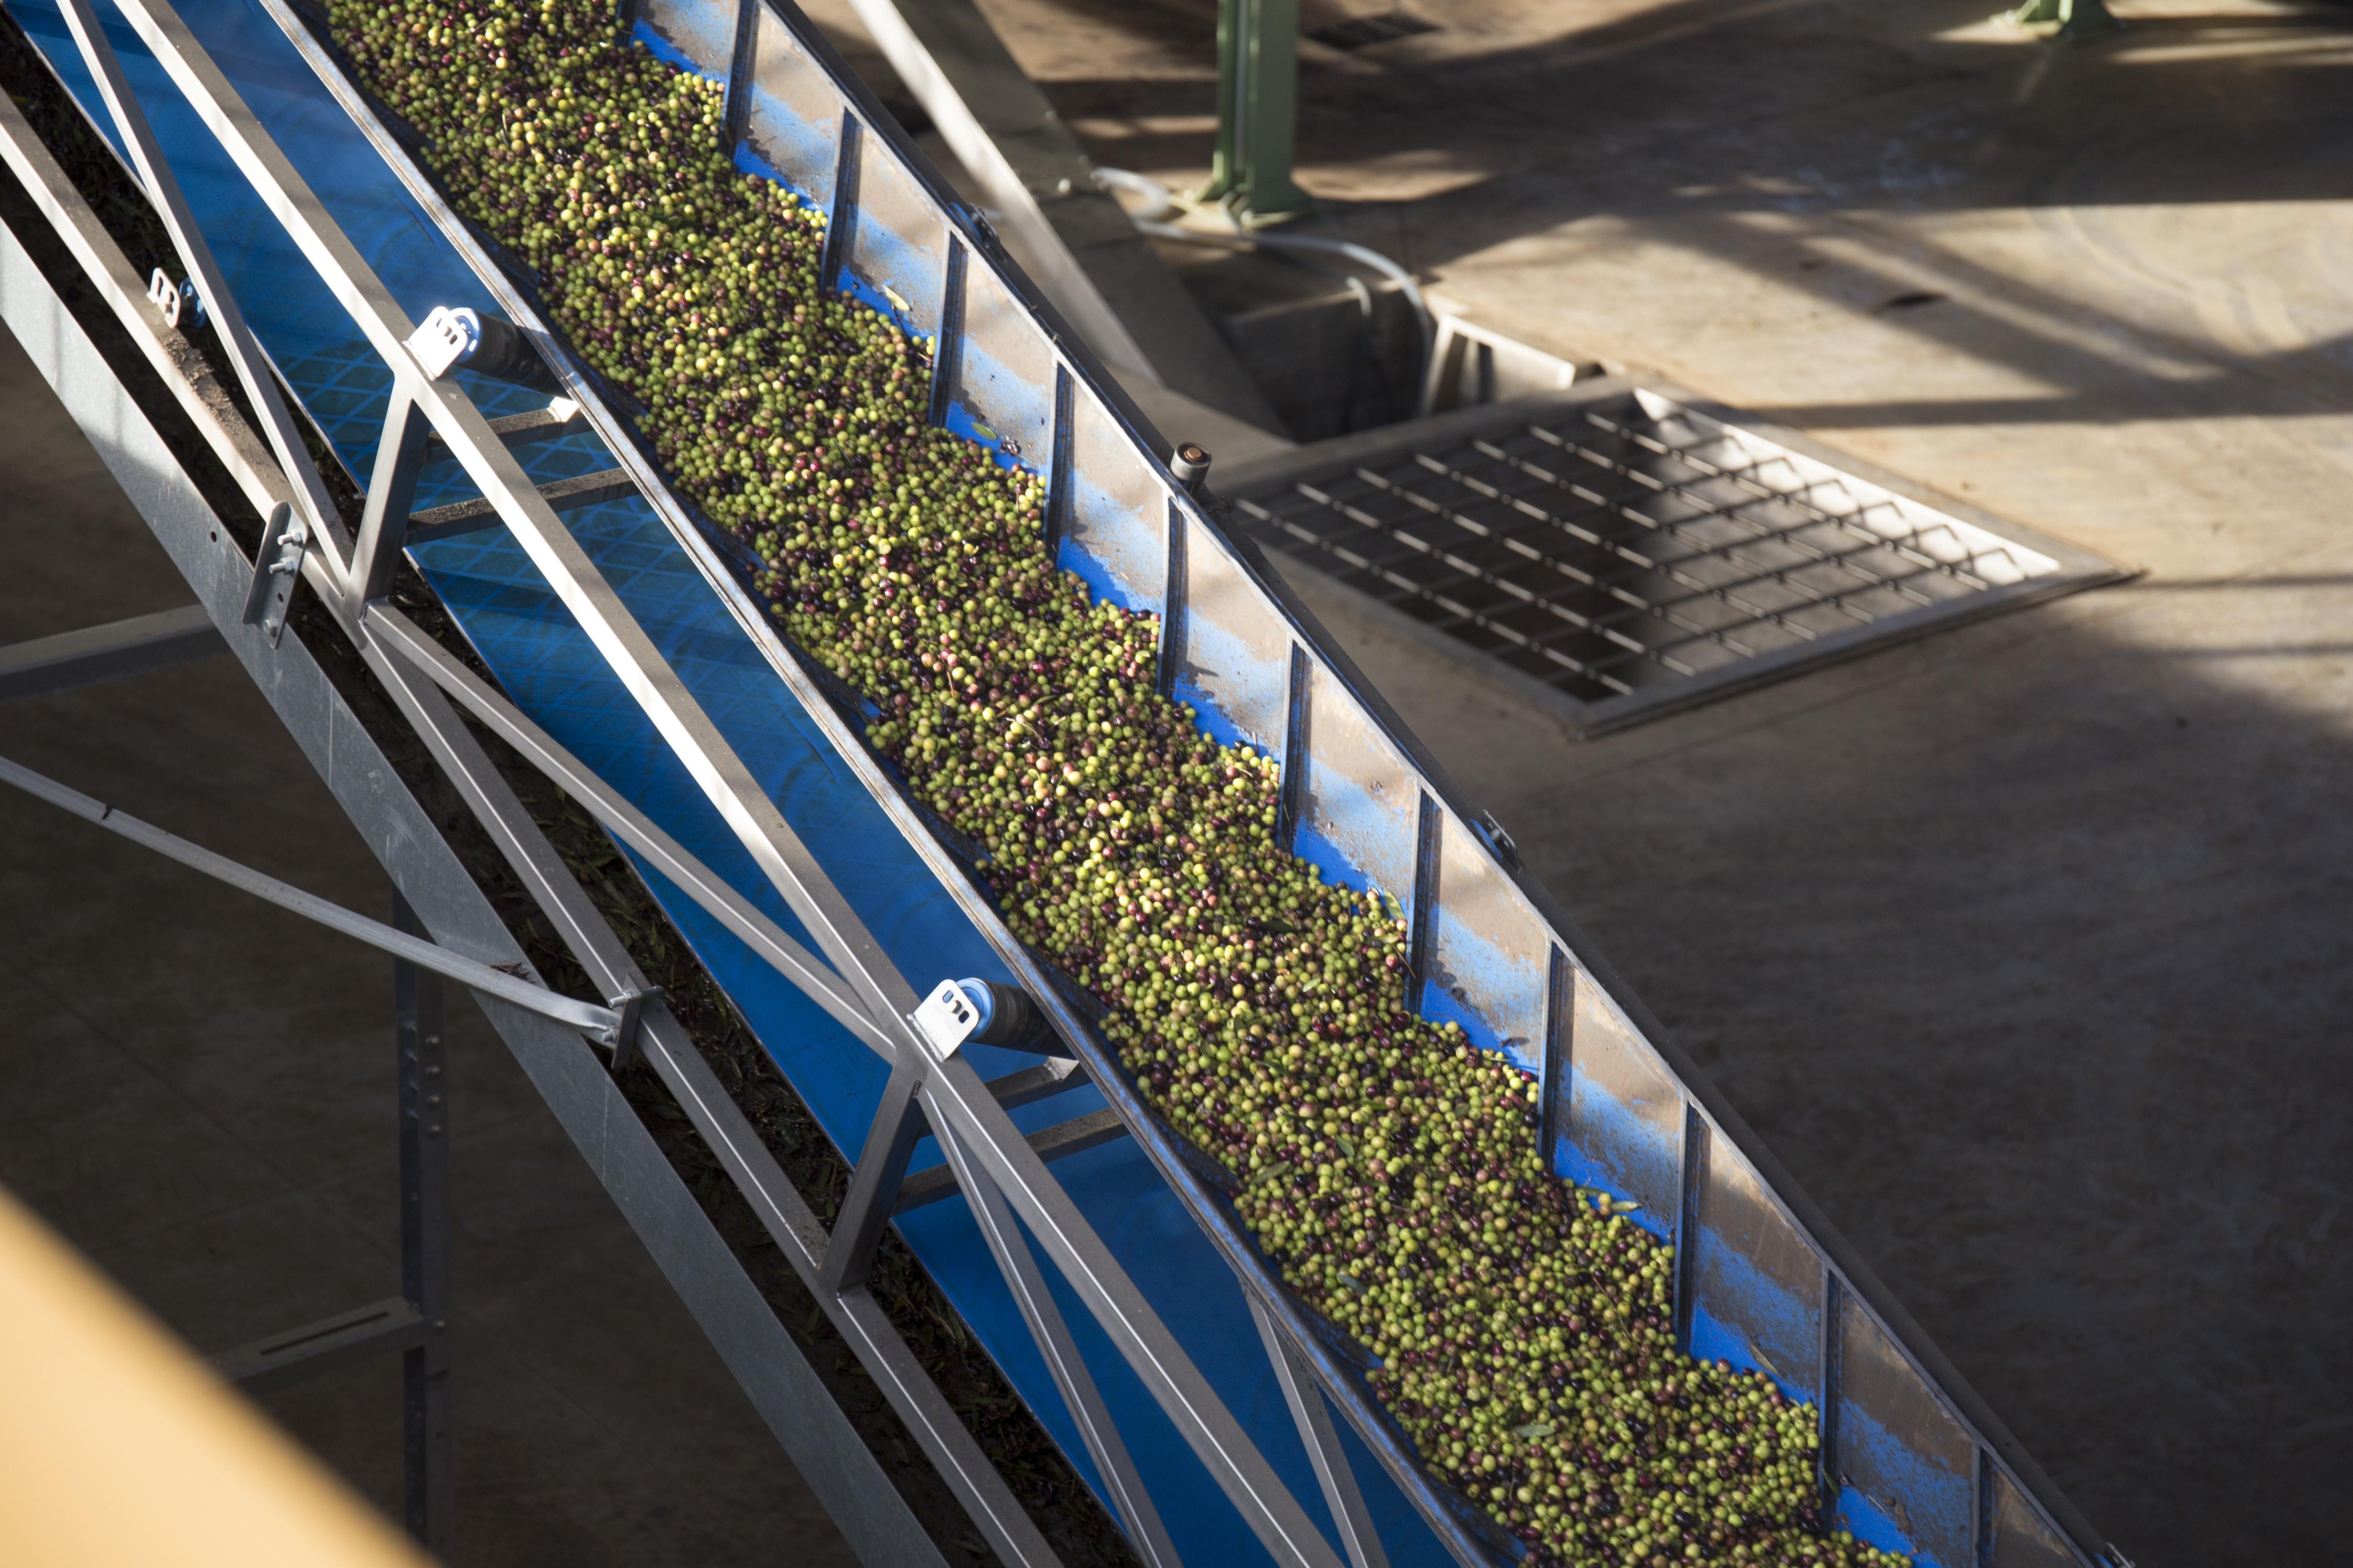 azeitona-lagar-azeite (Foto: Herdade Esporão)